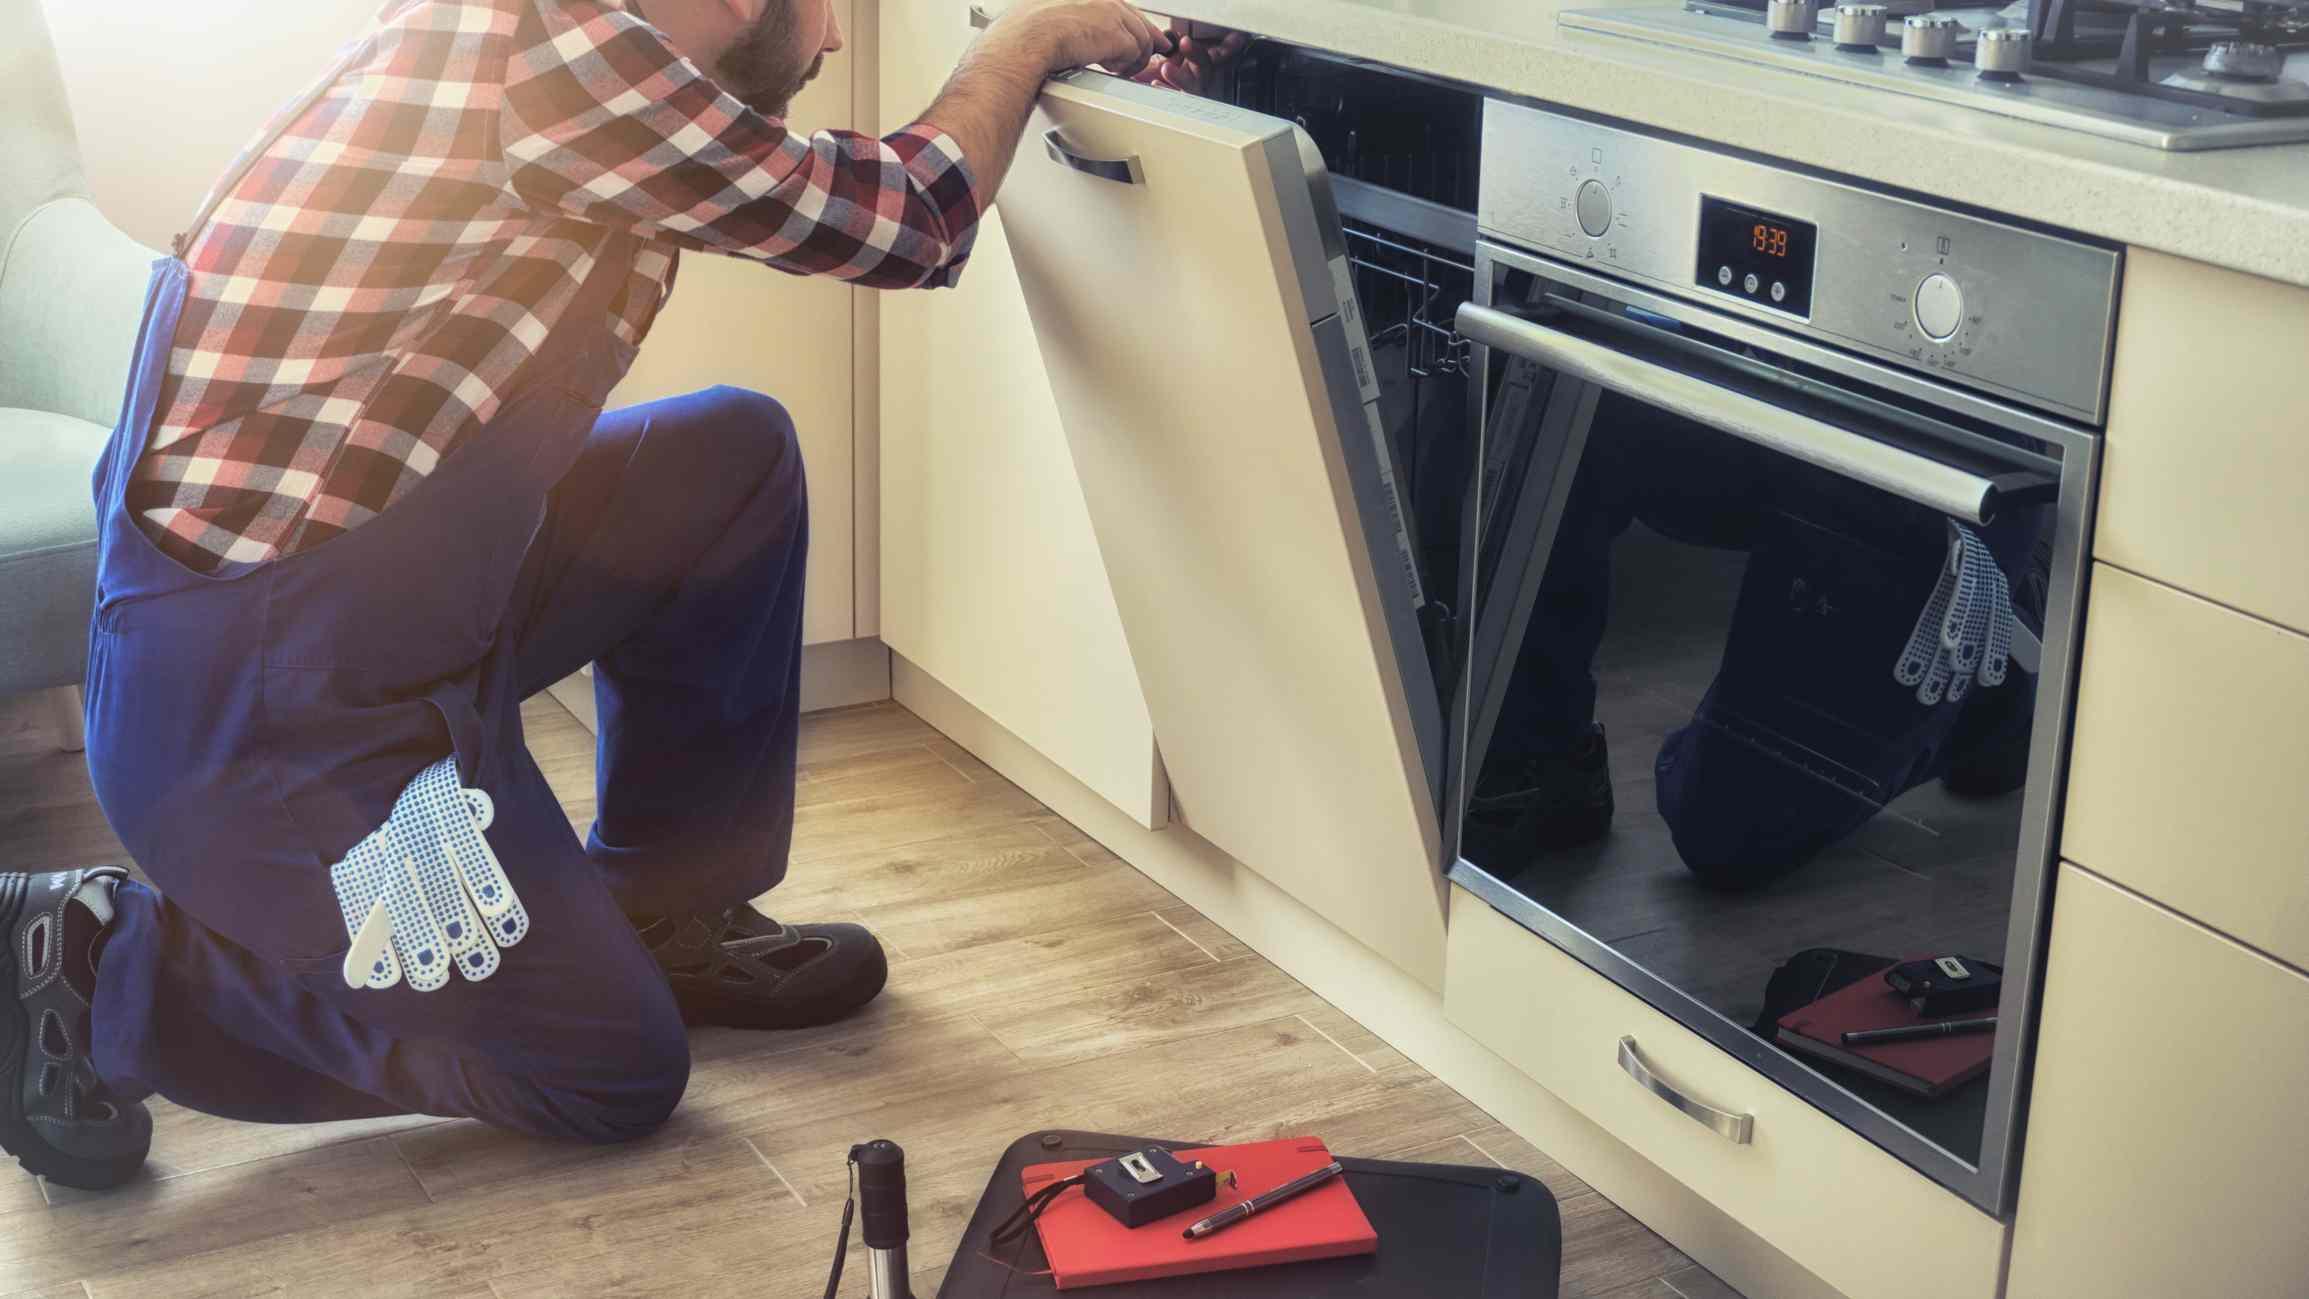 Hombre de servicio arreglando la máquina lavaplatos en la cocina de su casa